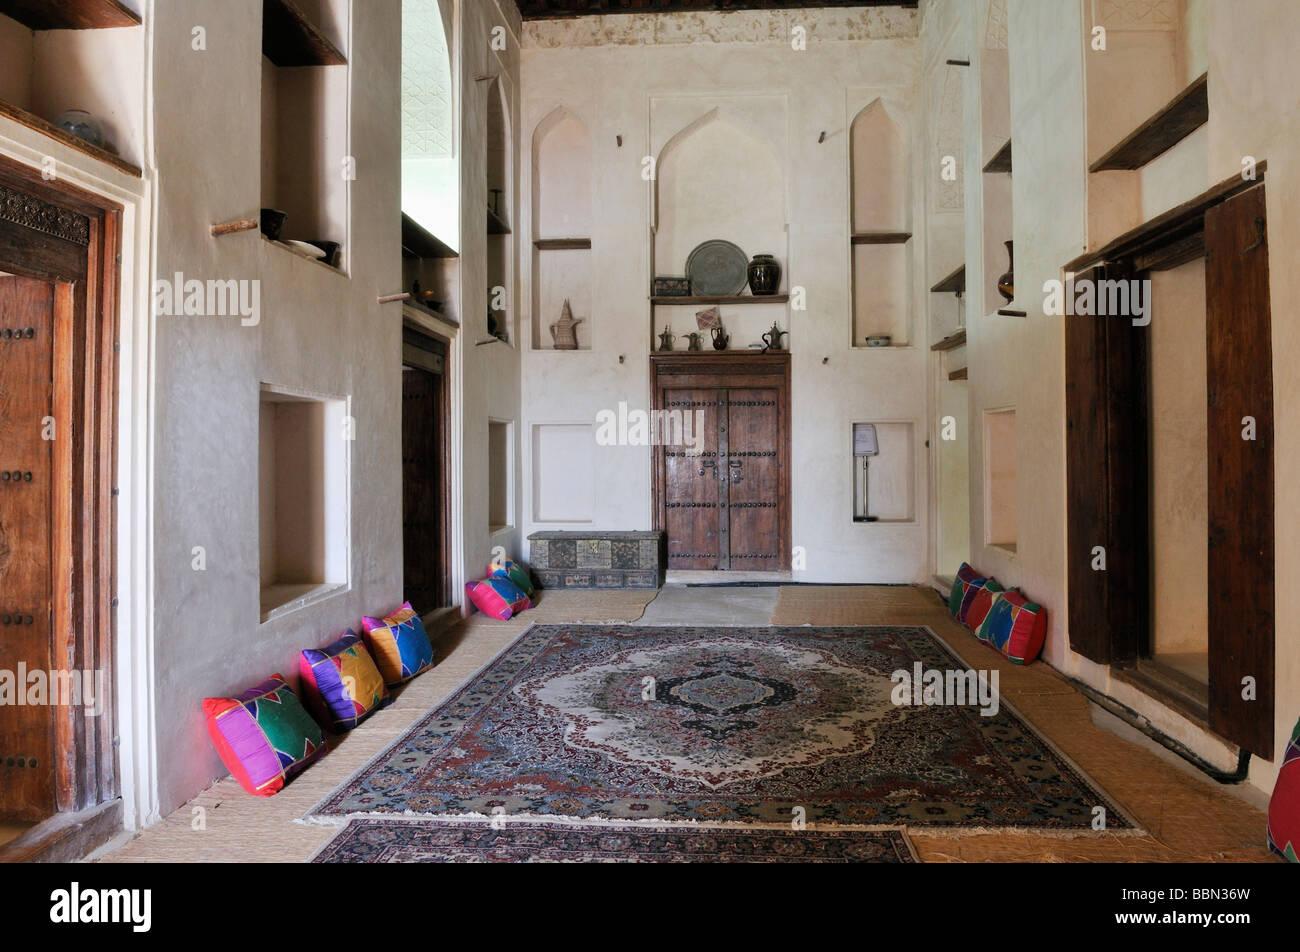 Traditionelle Arabische Wohnzimmer Jabrin Castle Oder Fort, Dakhliyah  Region, Sultanat Oman, Arabien, Nahost